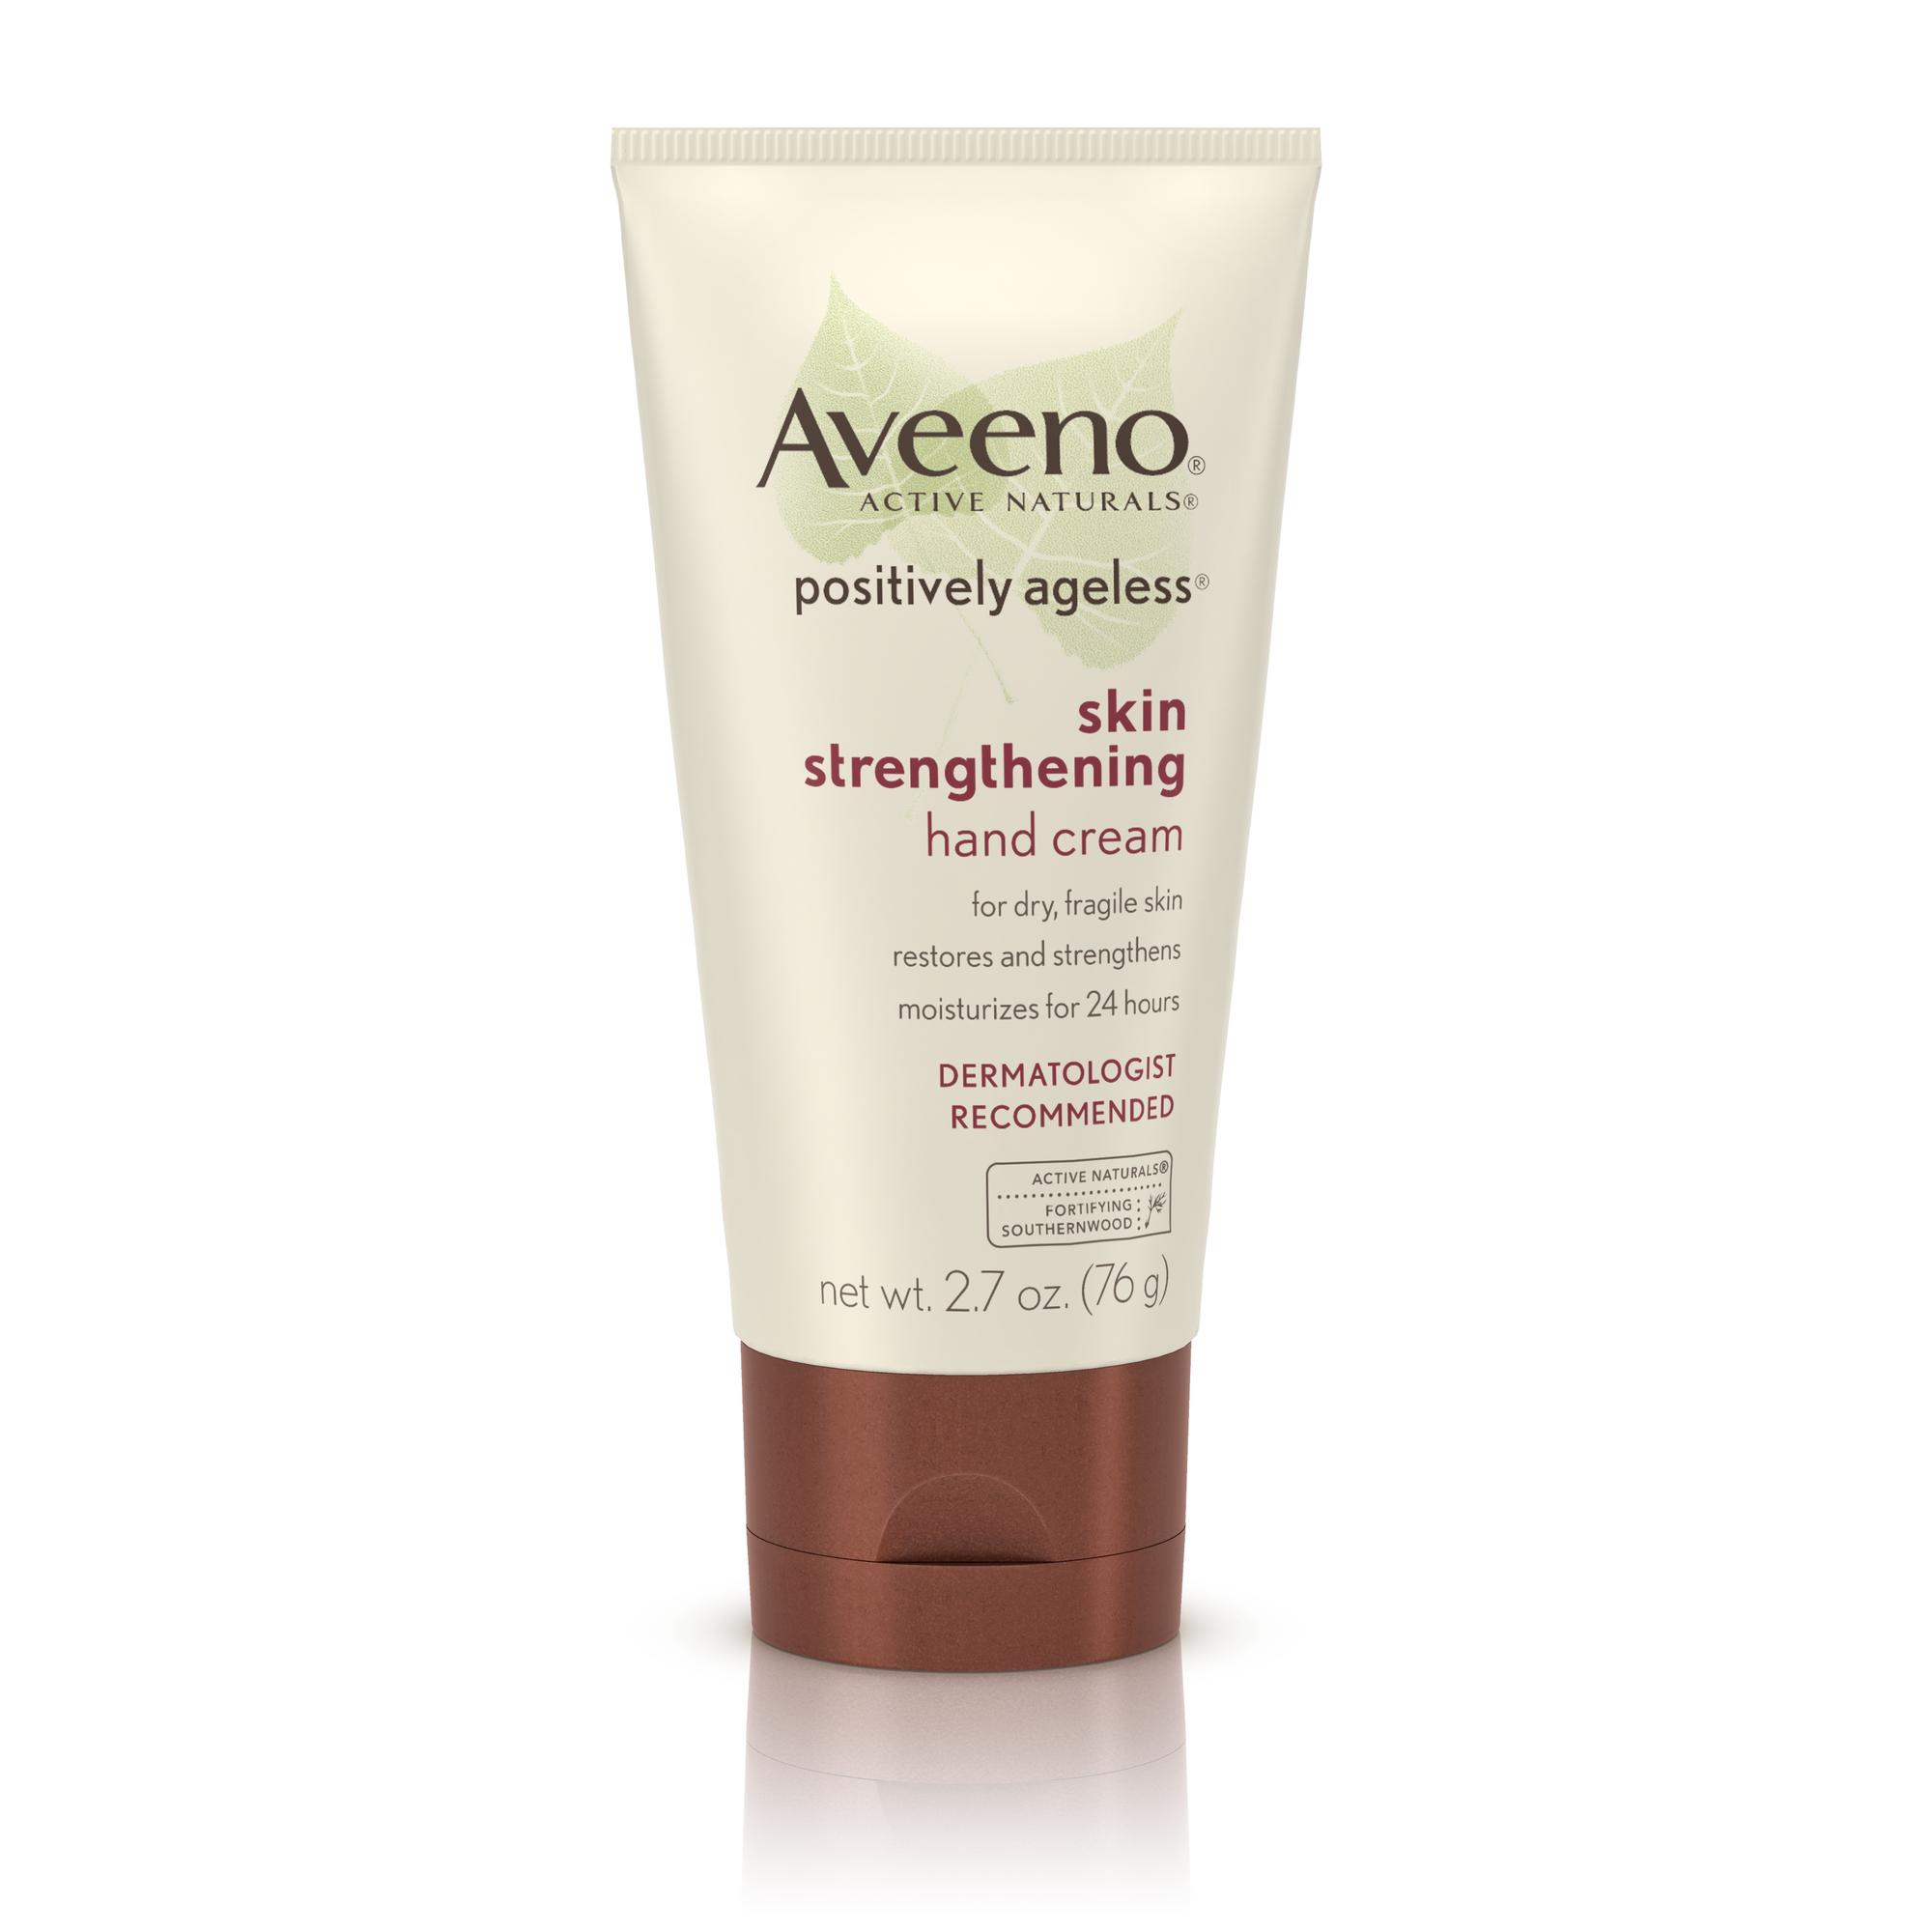 aveeno skin strengthening body cream reviews